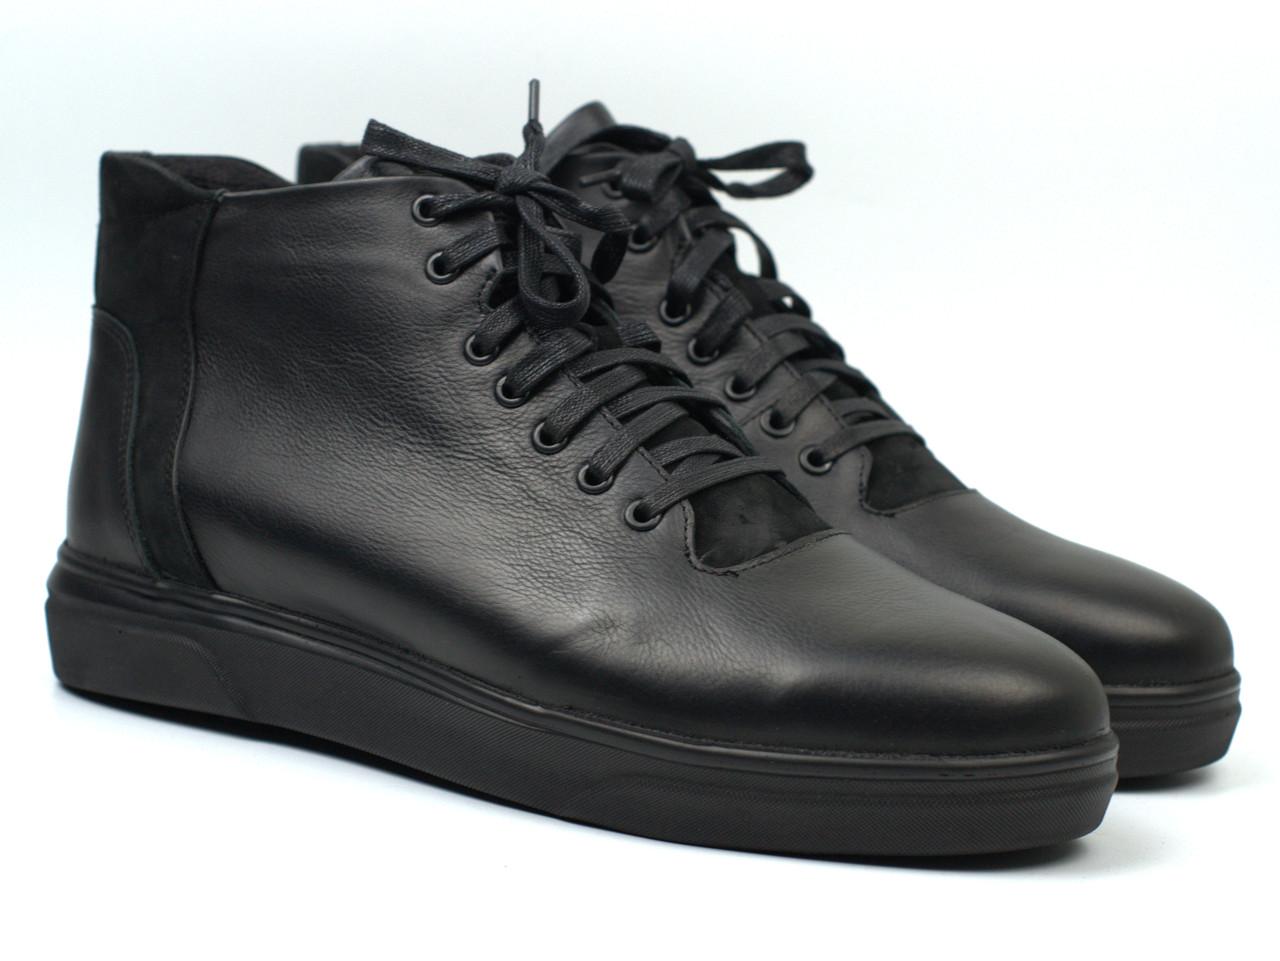 Мужская обувь больших размеров зимние ботинки черные кожаные на меху Rosso Avangard North Lion Black 02-227 BS